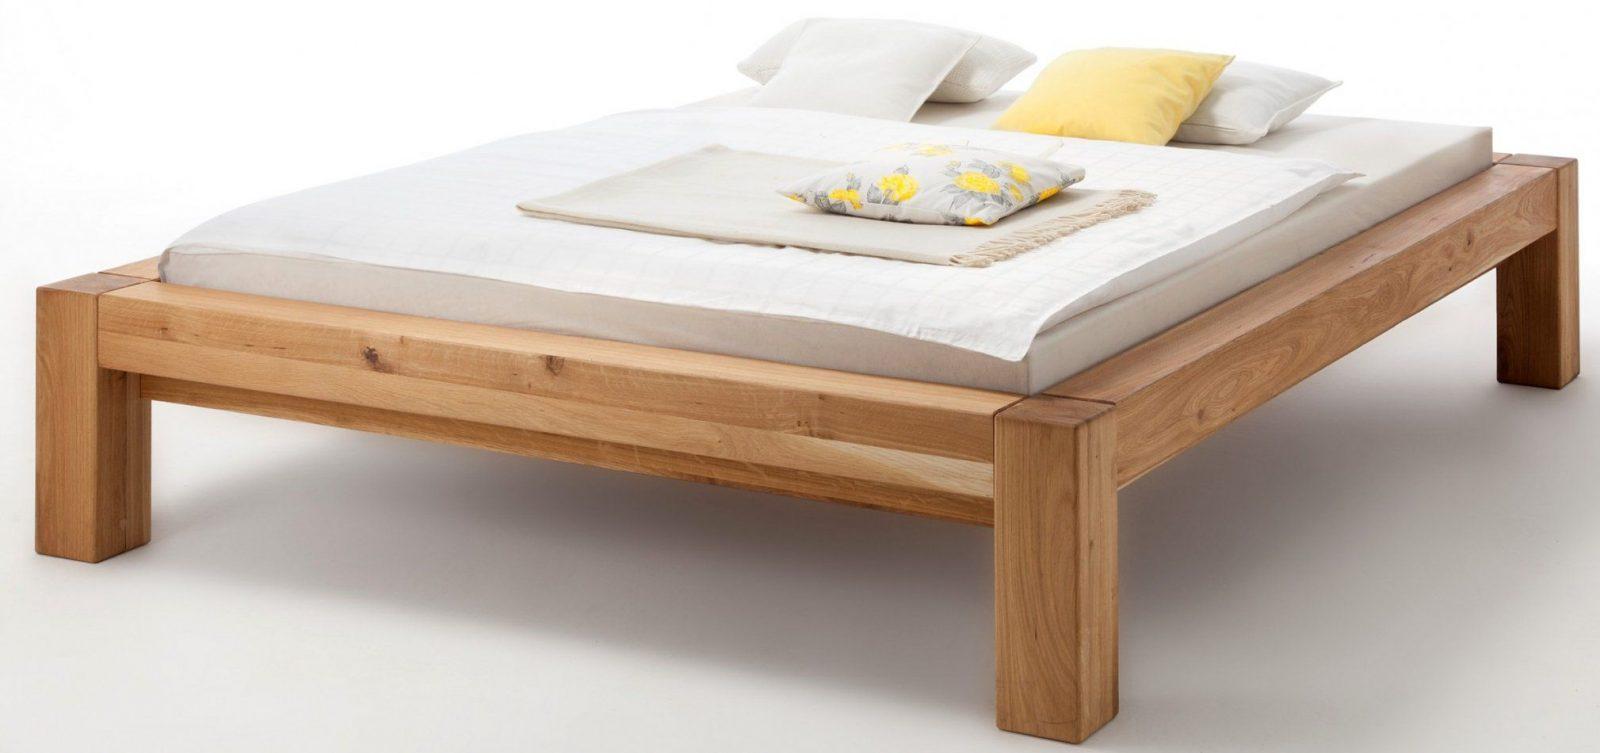 Beliebt Bettgestell 140x200 Holz Ohne Kopfteil Boxspring Bett Von